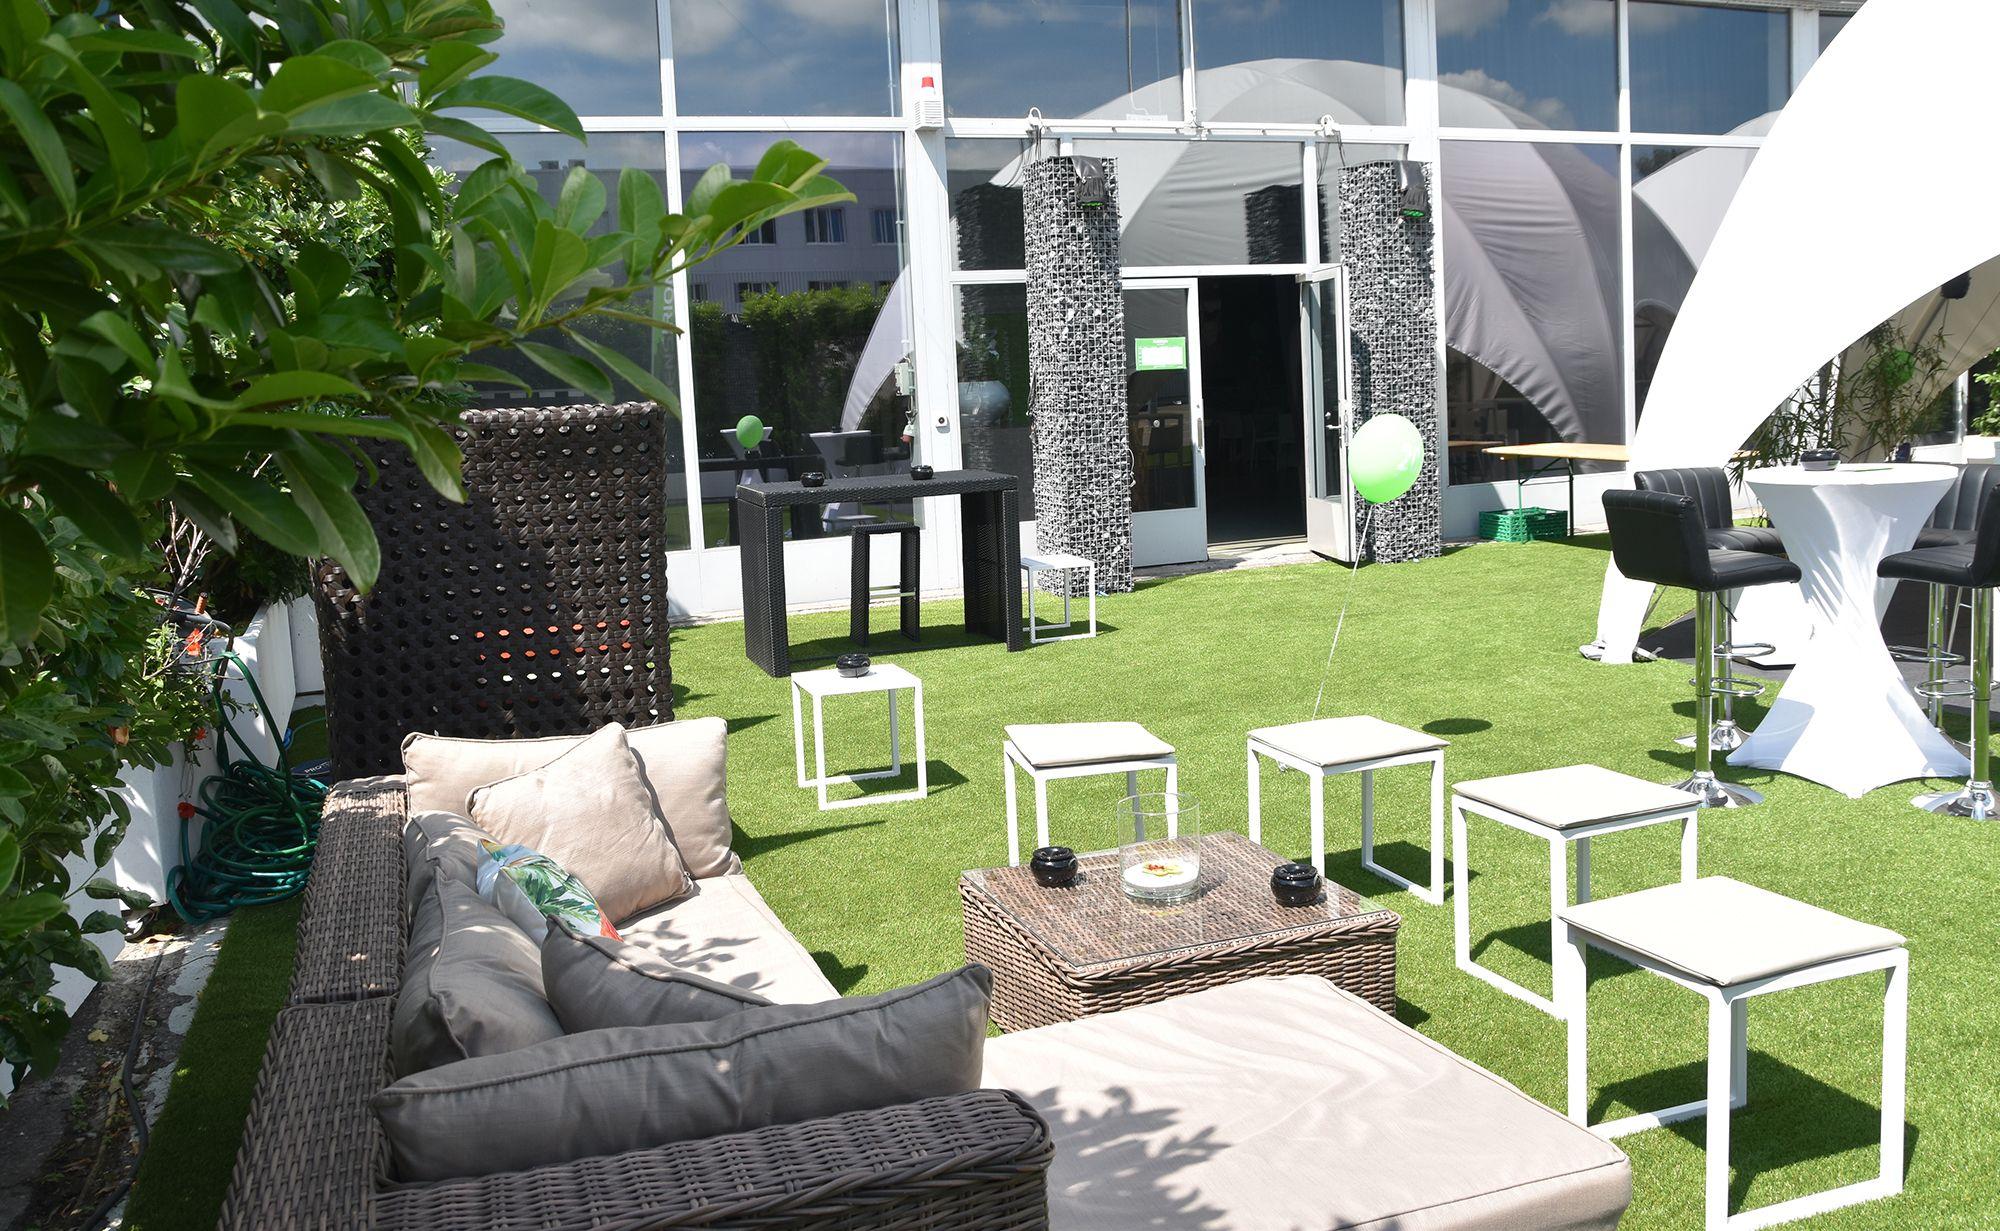 bild_background_outdoor_garten_eventgarten_outdoorbereich_12_starlite_eventhall_eventlocation_eventlokal_event_hall_location_lokal_venue_rapperswil_jona_zuerichsee